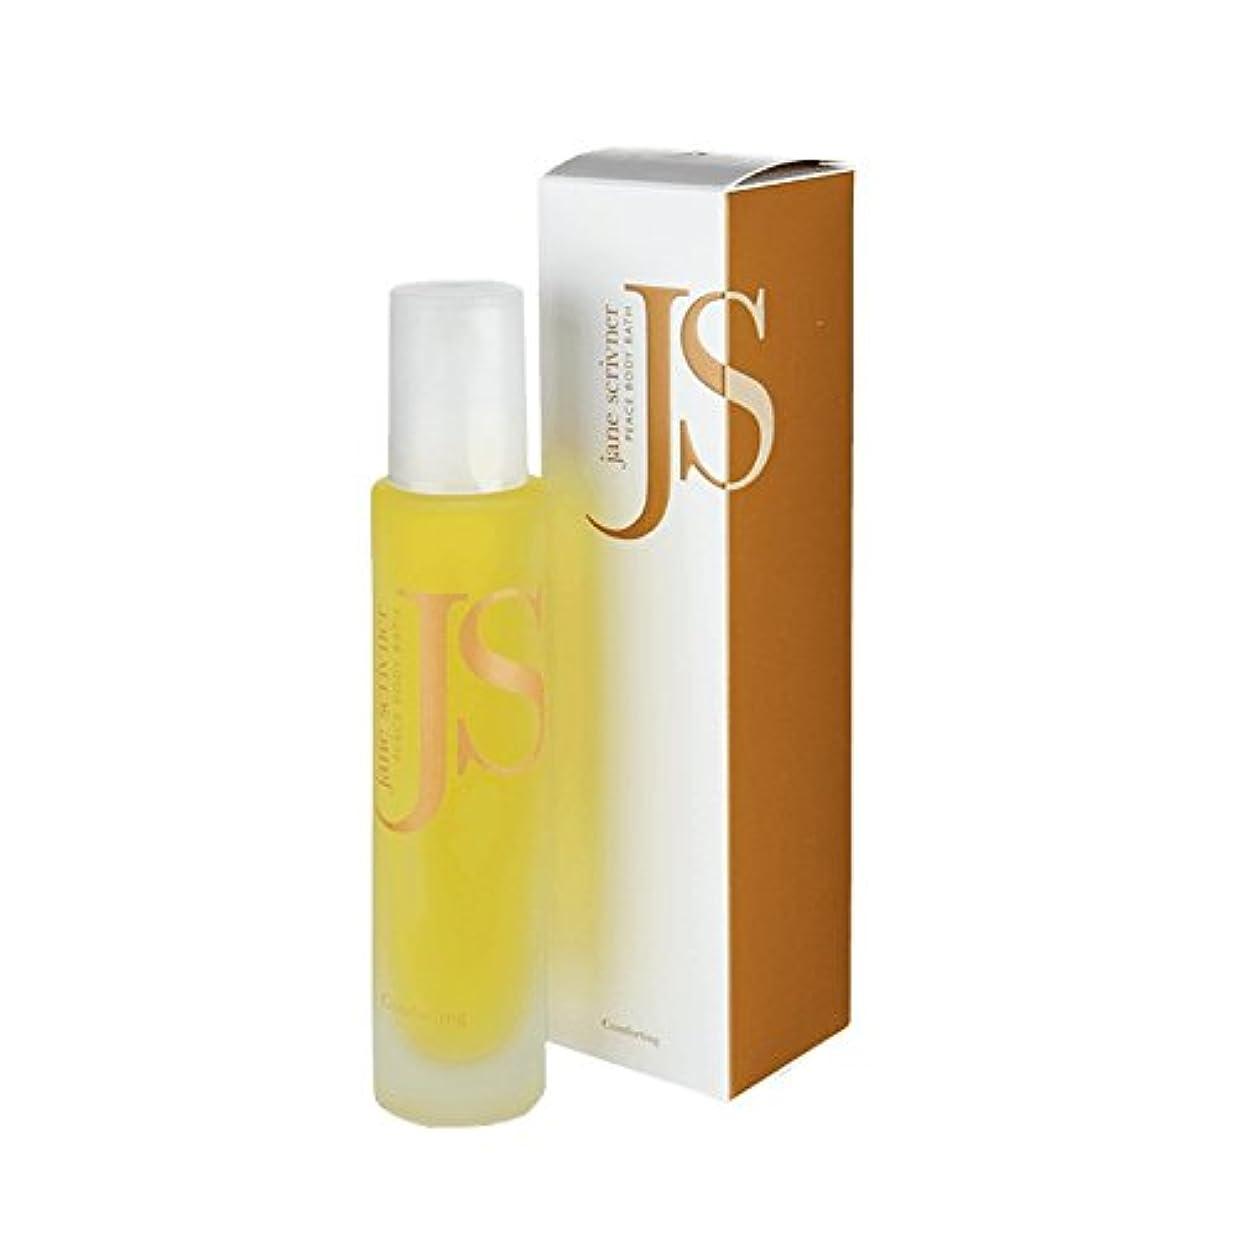 広告する別の副詞Jane Scrivner Body Bath Oil Peace 100ml (Pack of 6) - ジェーンScrivnerボディバスオイル平和100ミリリットル (x6) [並行輸入品]